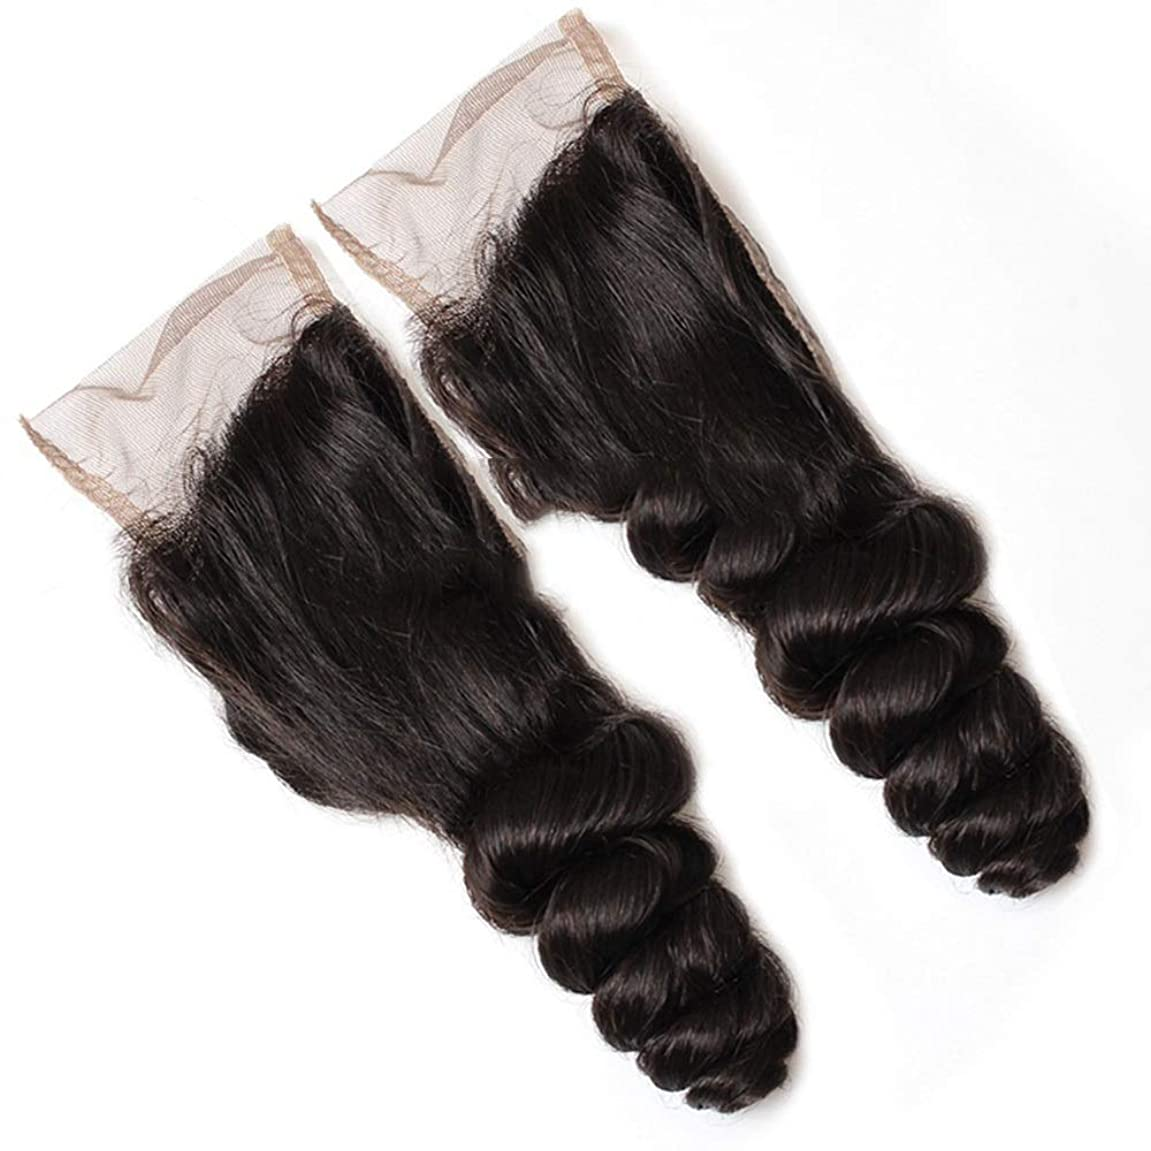 投資する正気塊YESONEEP ブラジルの髪4×4フルレース閉鎖9Aルースウェーブ人毛エクステンションナチュラルブラック8